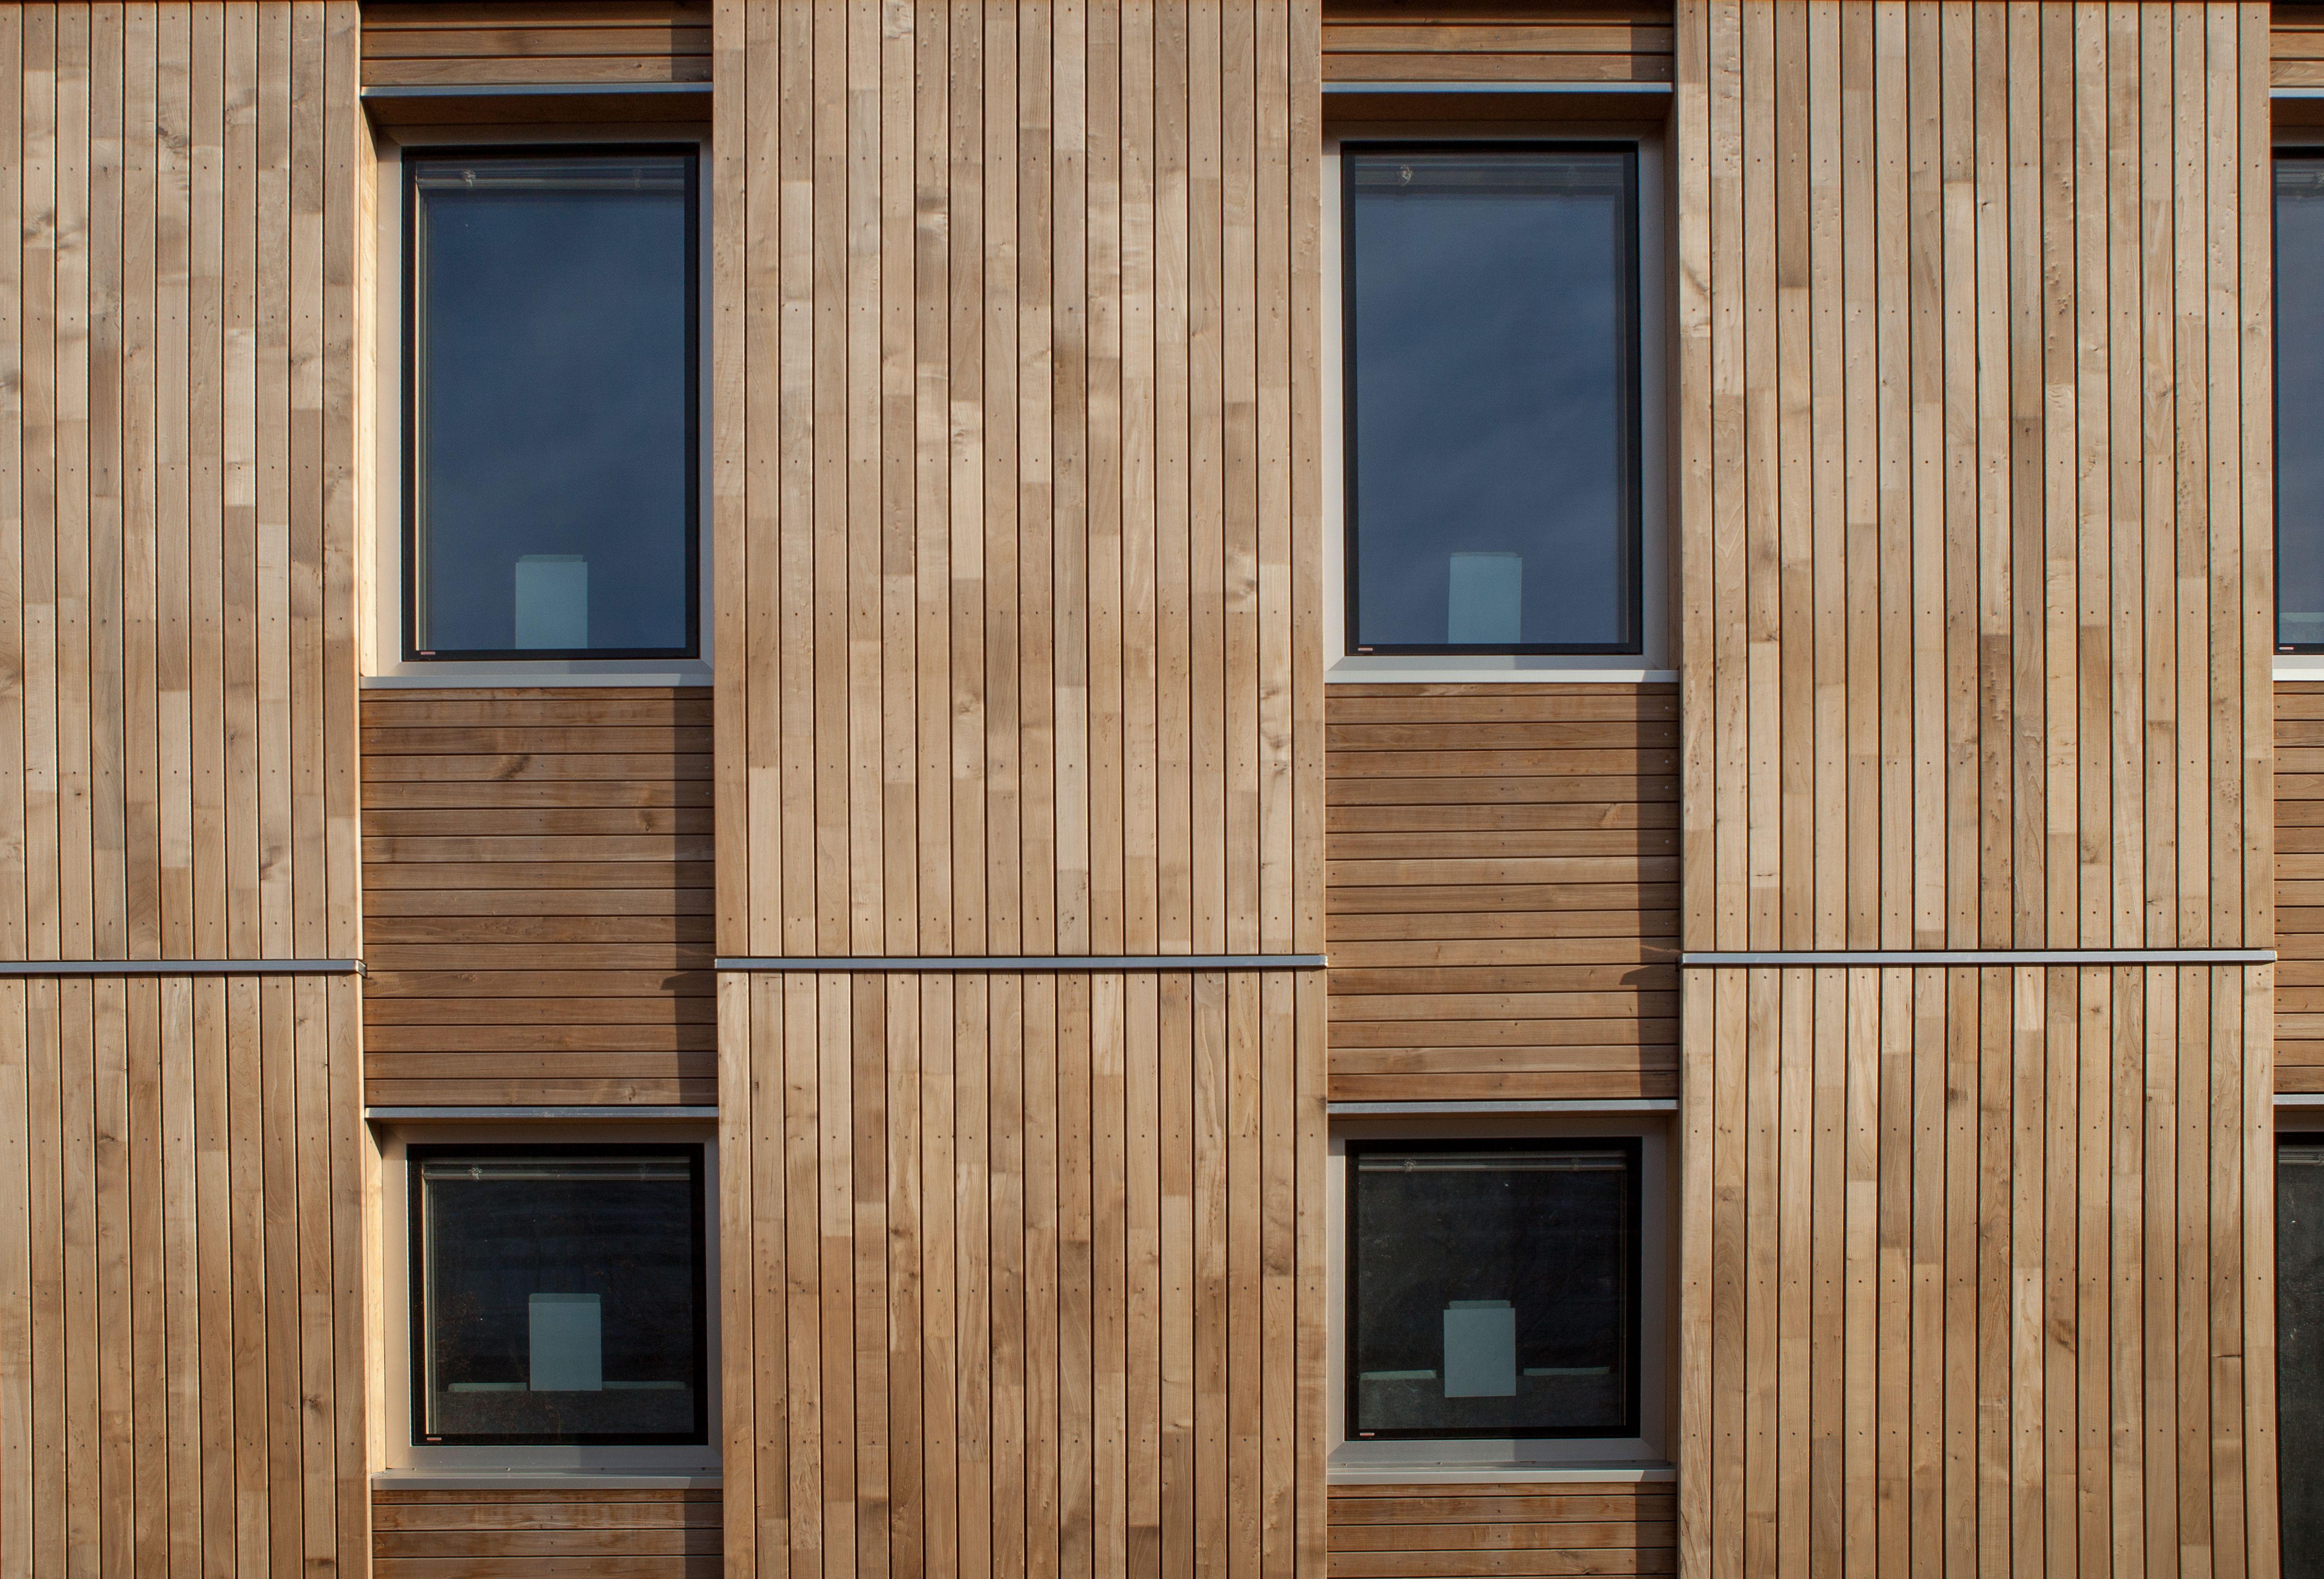 Verschiedene Hausvordächer Dekoration Von Marienfelde_5_fassadendetail_uba.jpg 5.512×3.744 Pixel